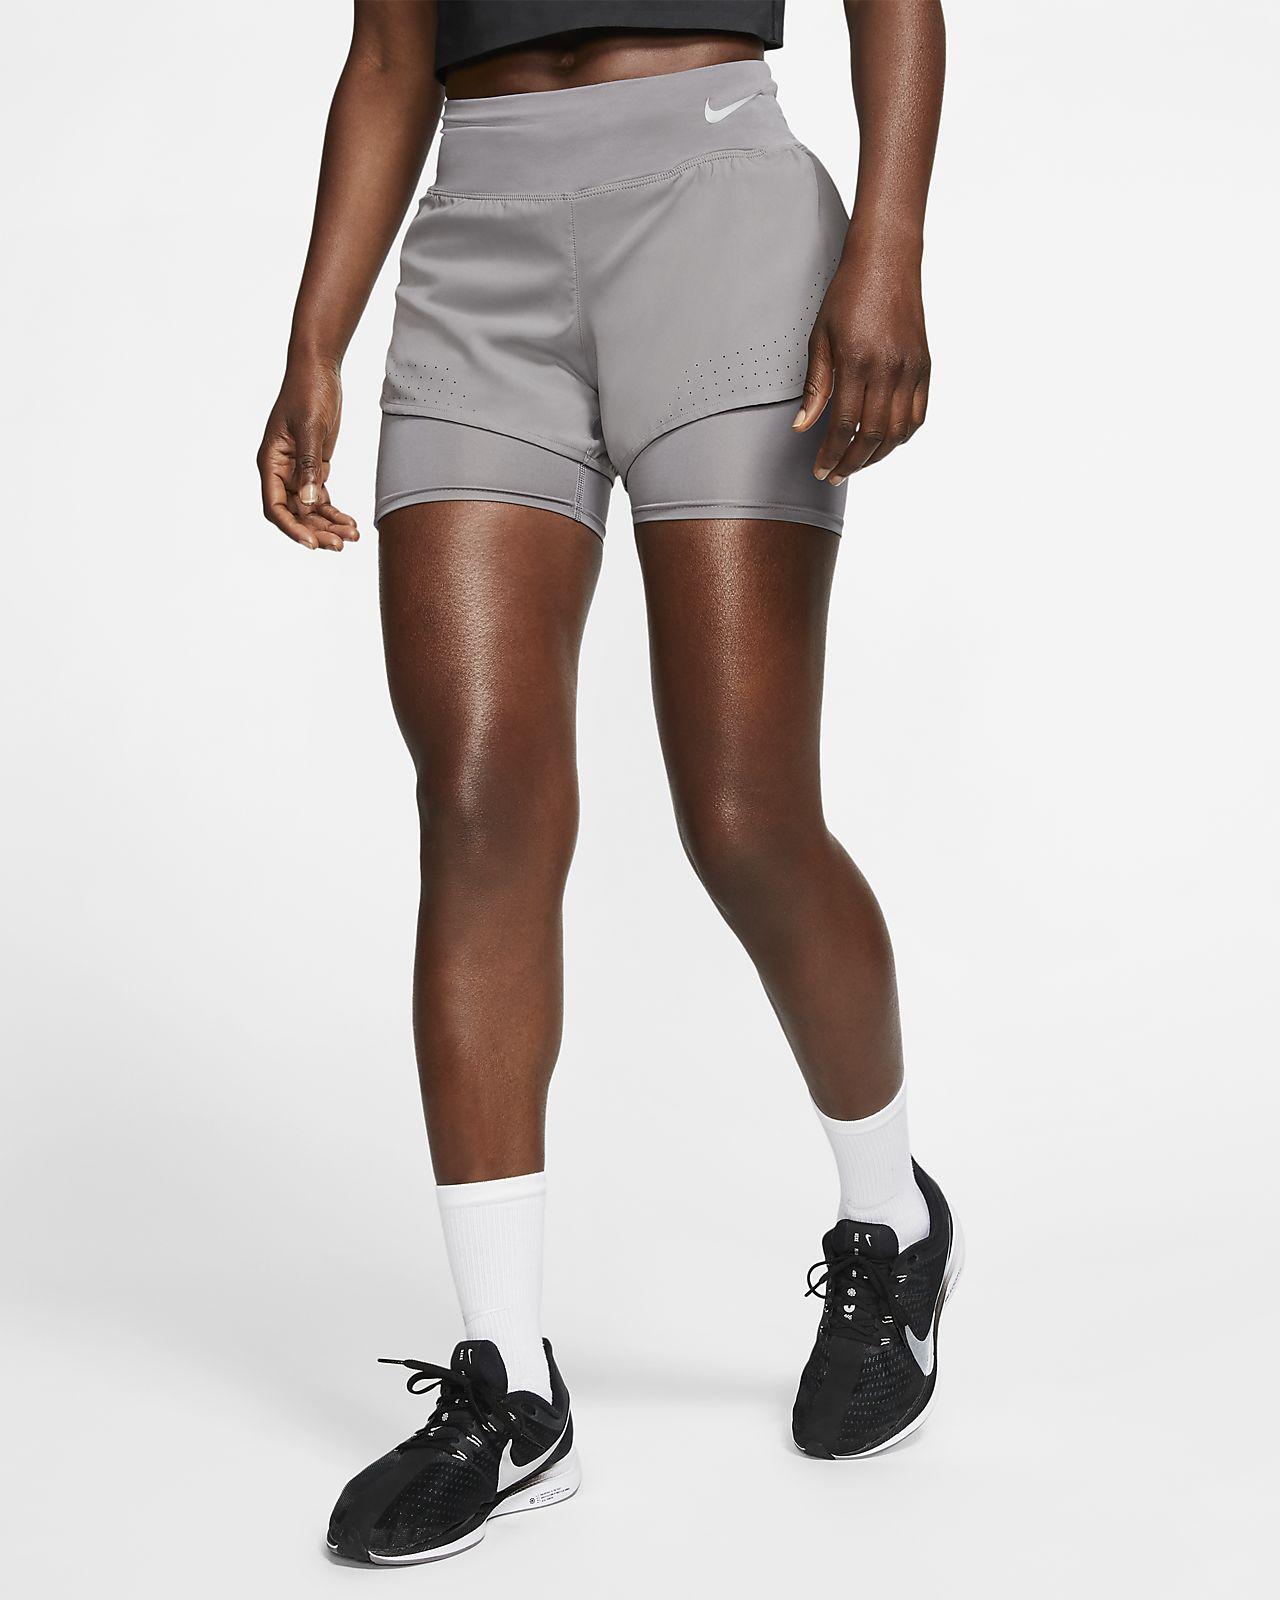 Laufshorts Nike 1 Damen 2 Eclipse für in N0wnvOm8